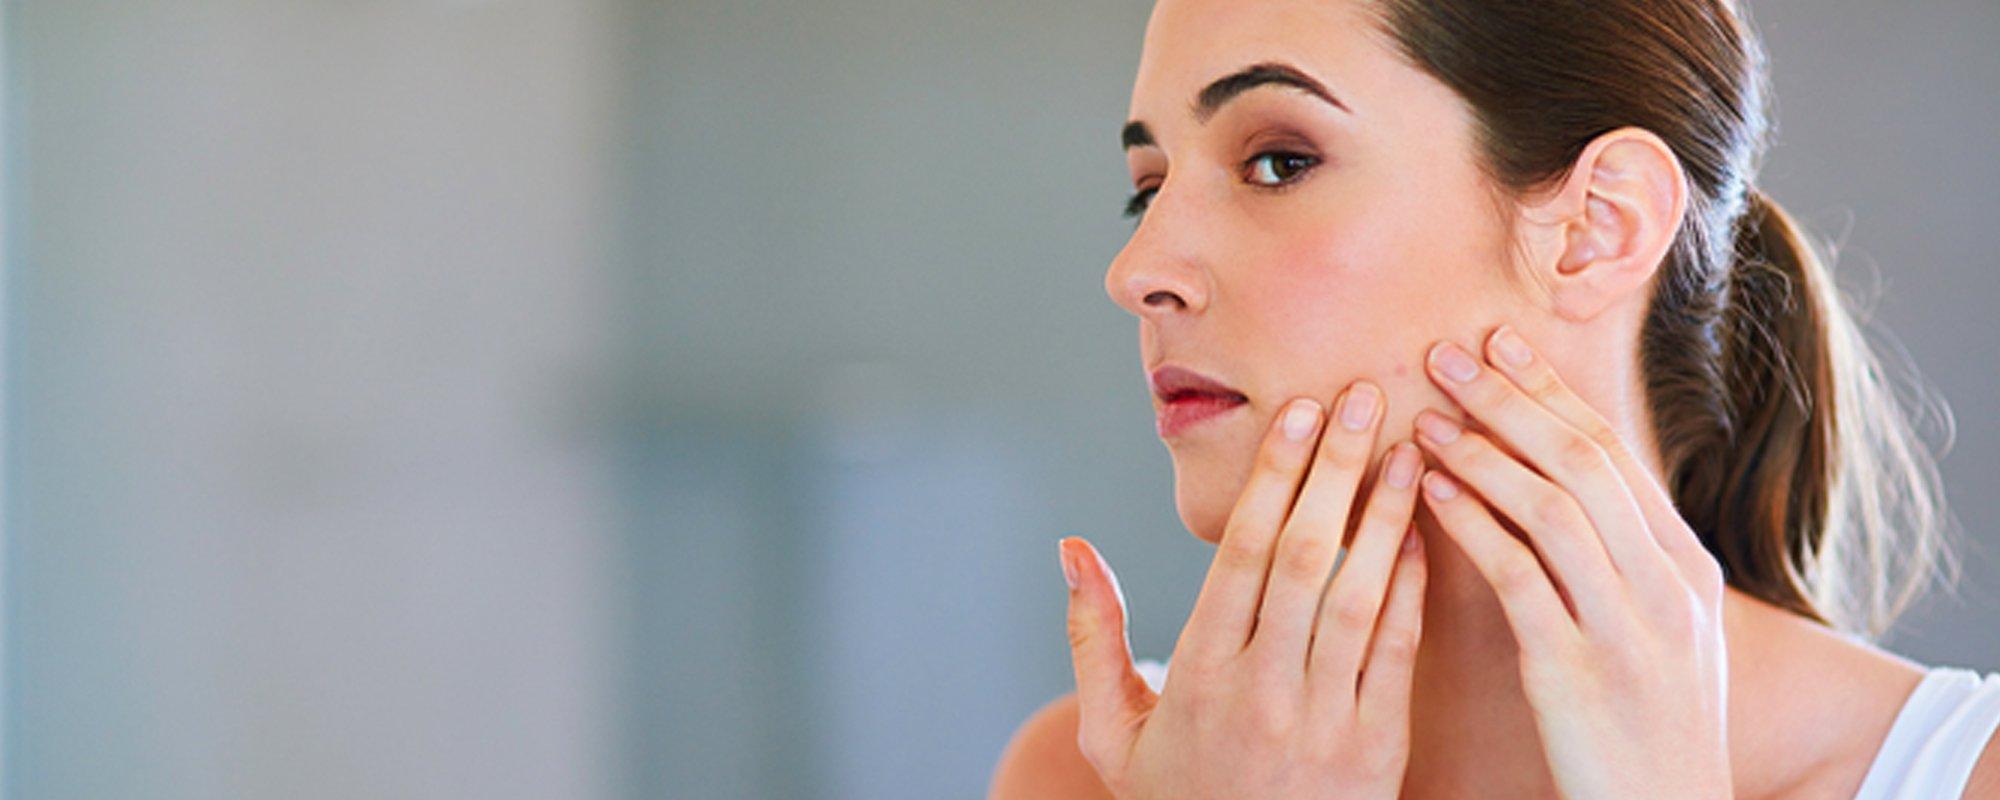 Maladies de peau courantes - Dossier santé | Accès pharma ...